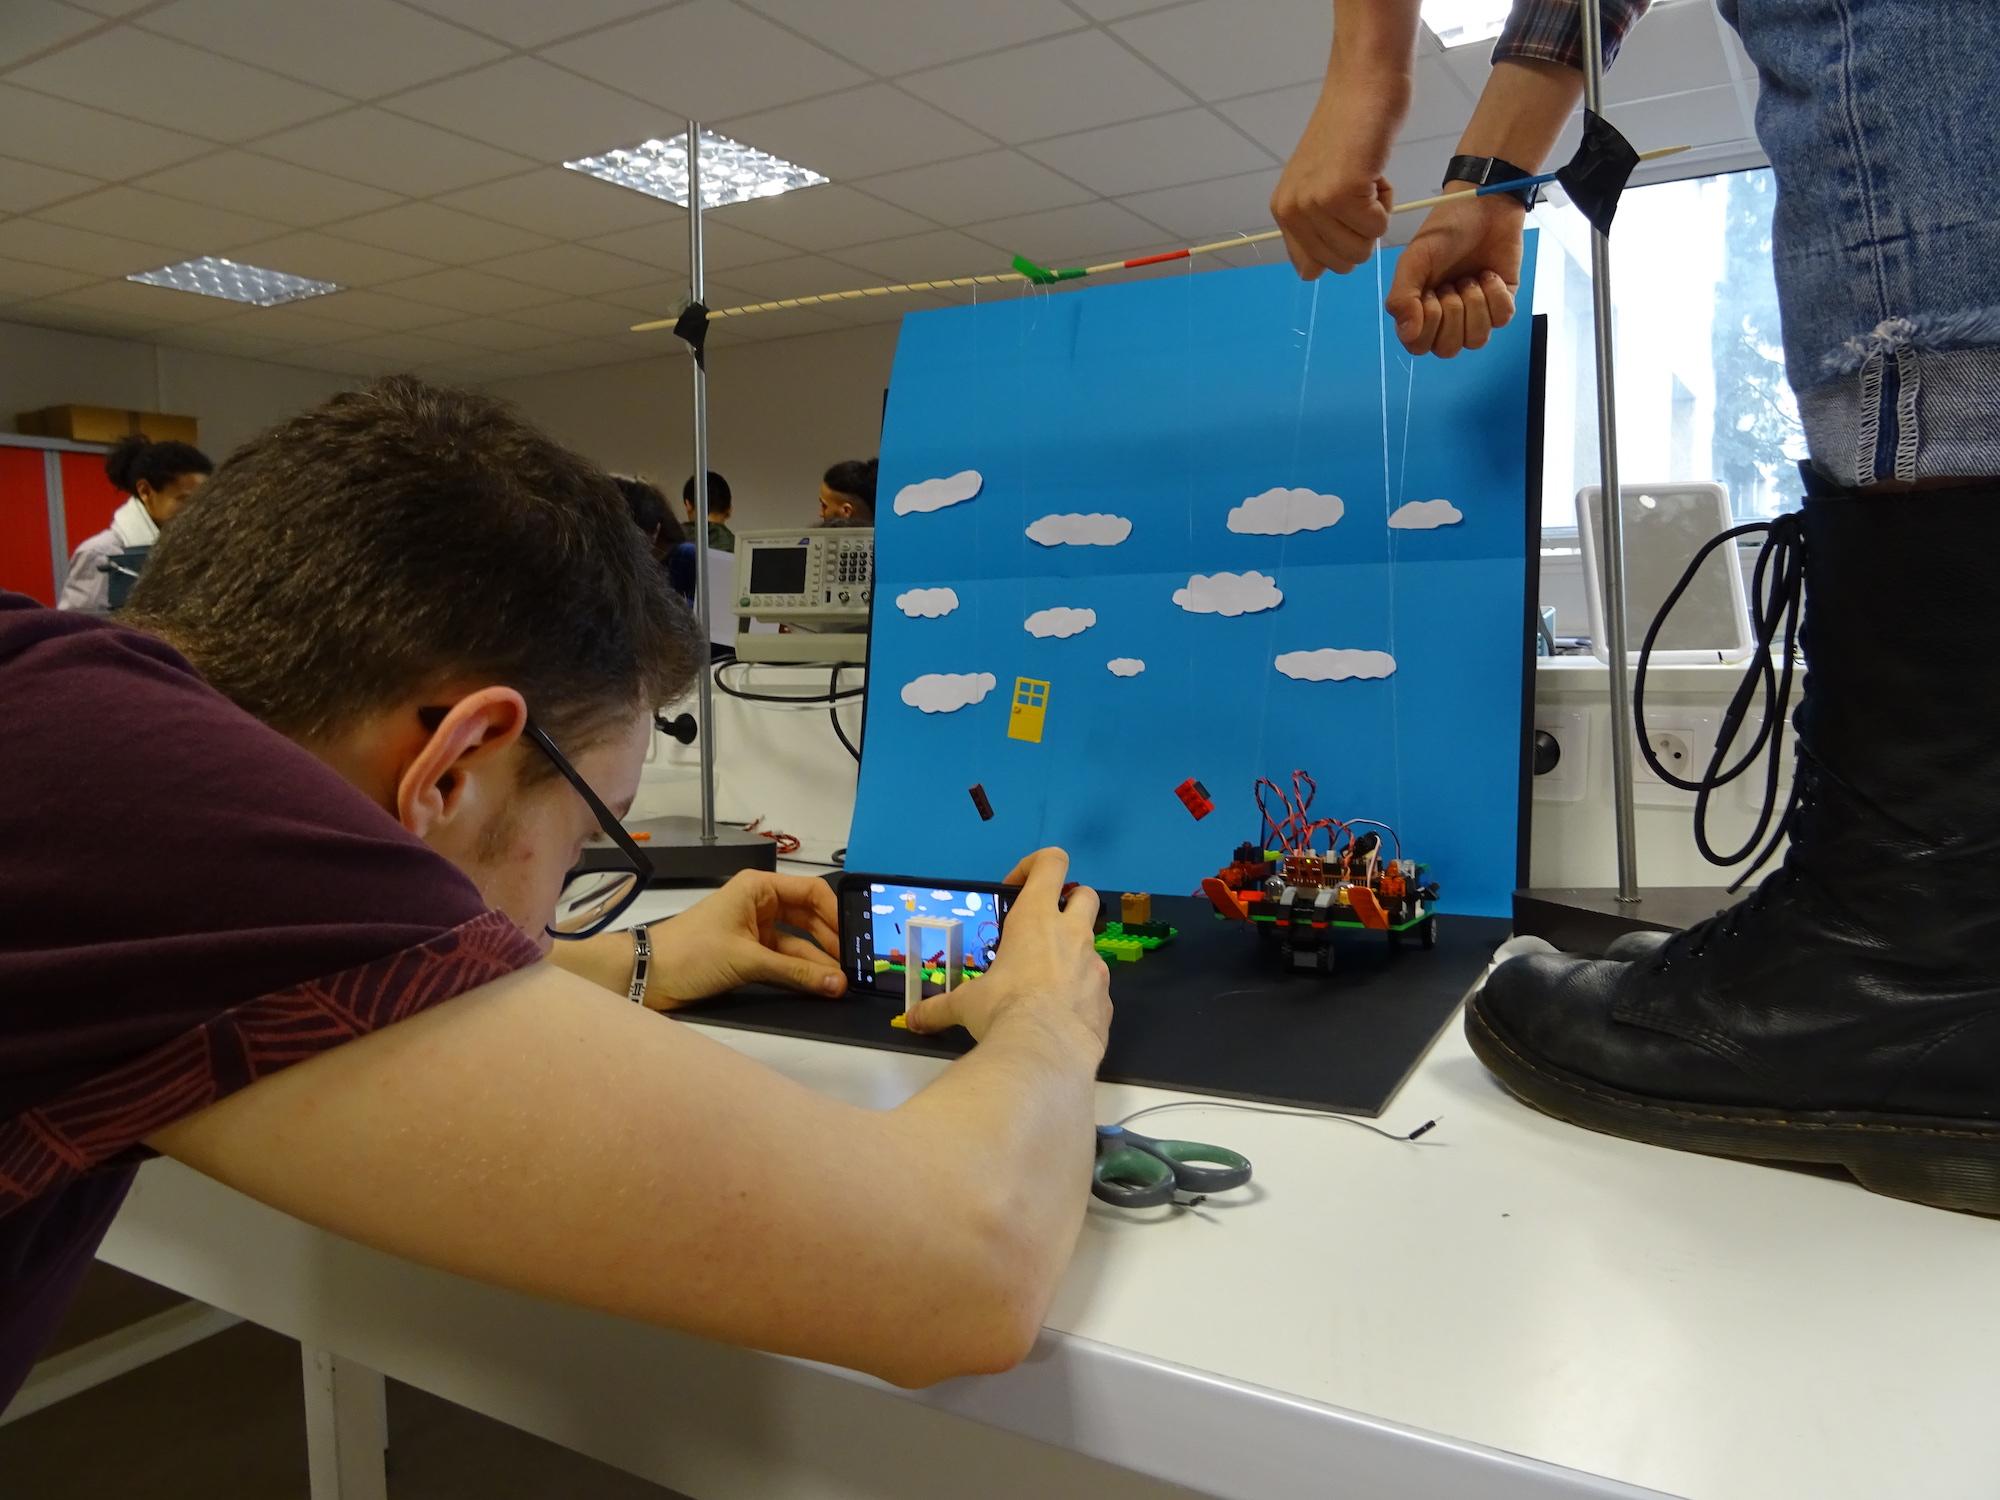 Projet Arduino d'un groupe d'étudiants